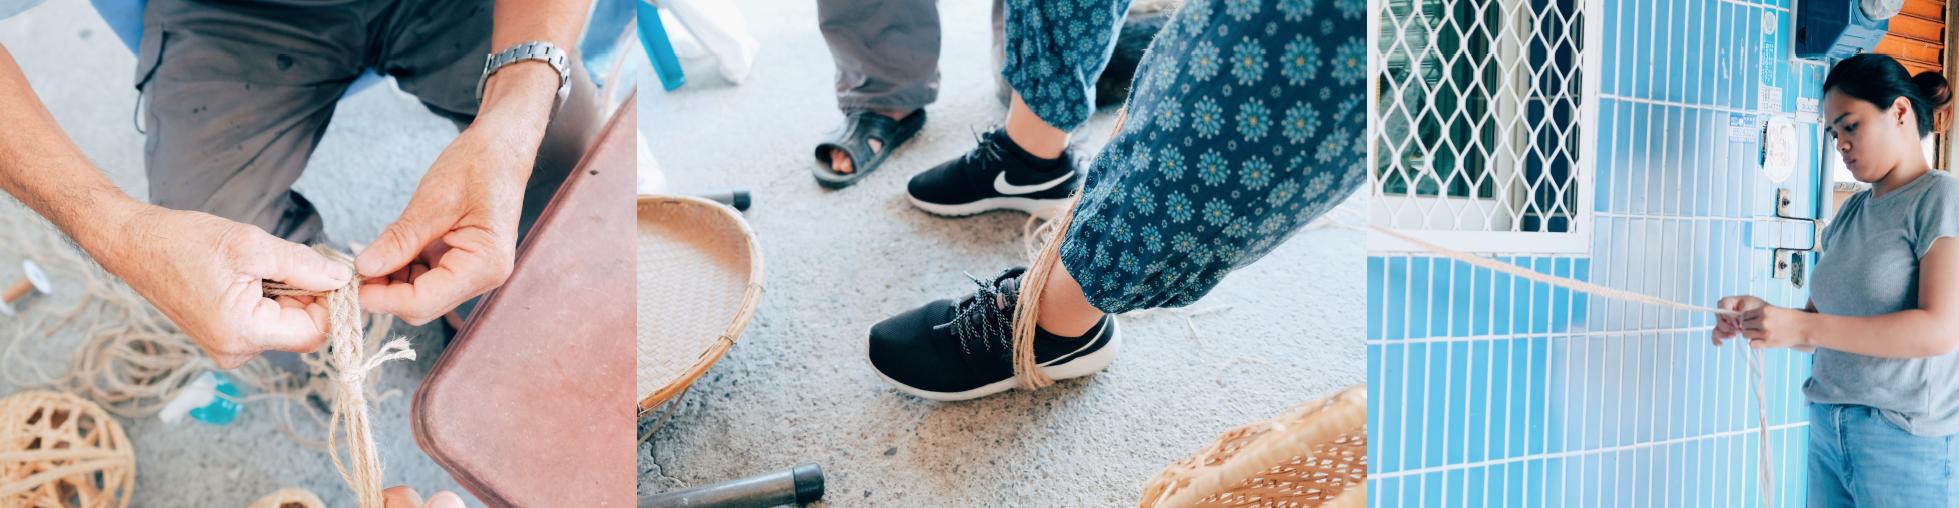 麻繩製作揹帶的過程,大家運用各種固定麻繩的方式編織揹帶。